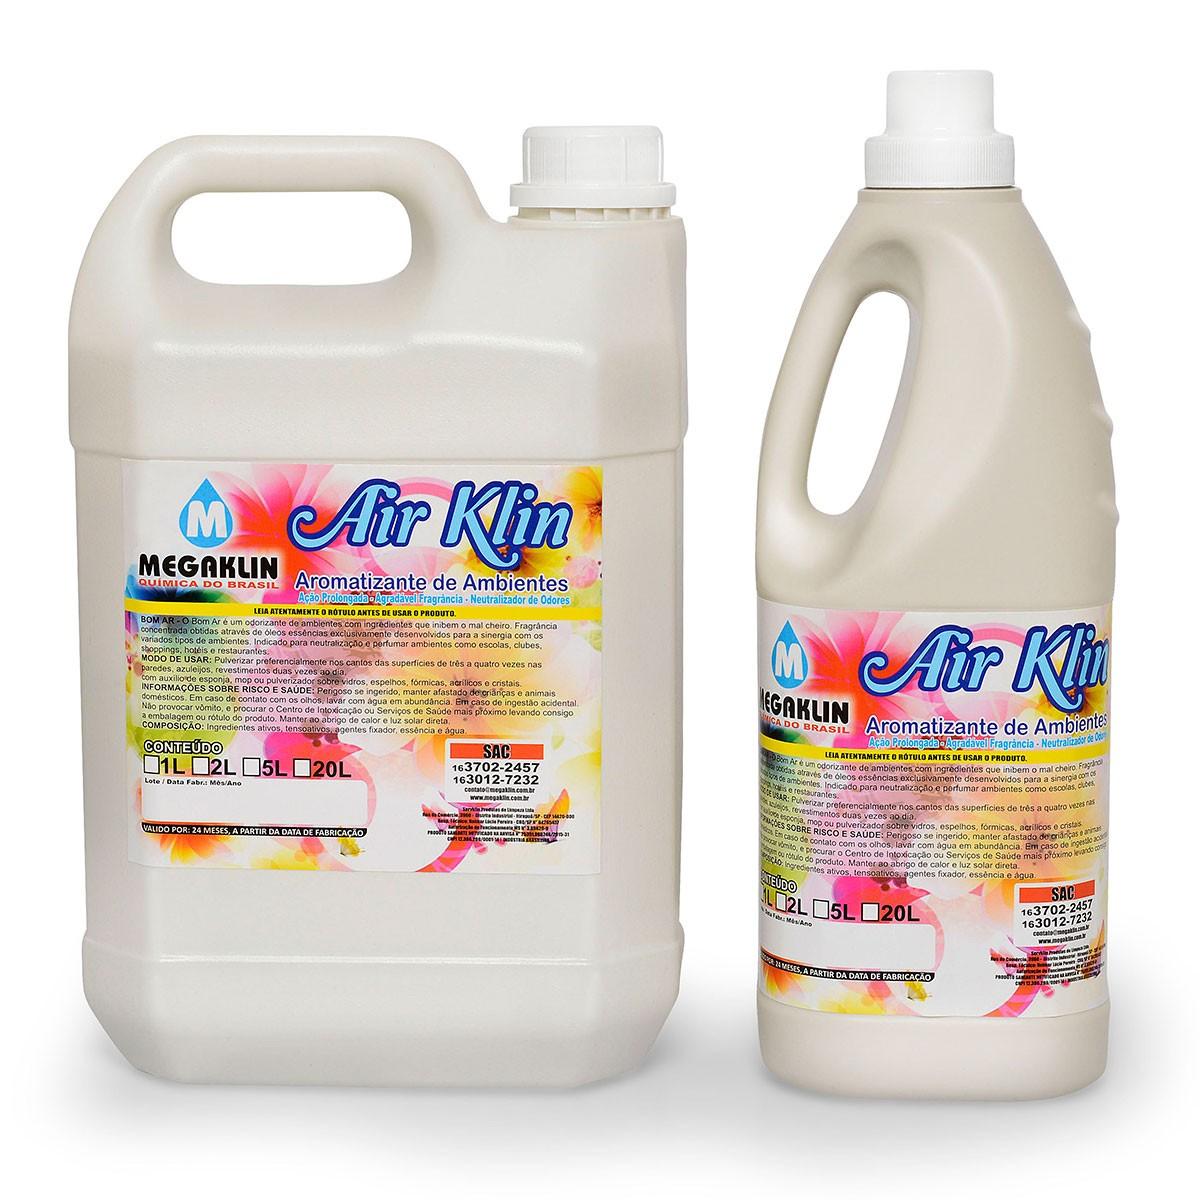 Aromatizante de Ambiente Air Klin Megaklin